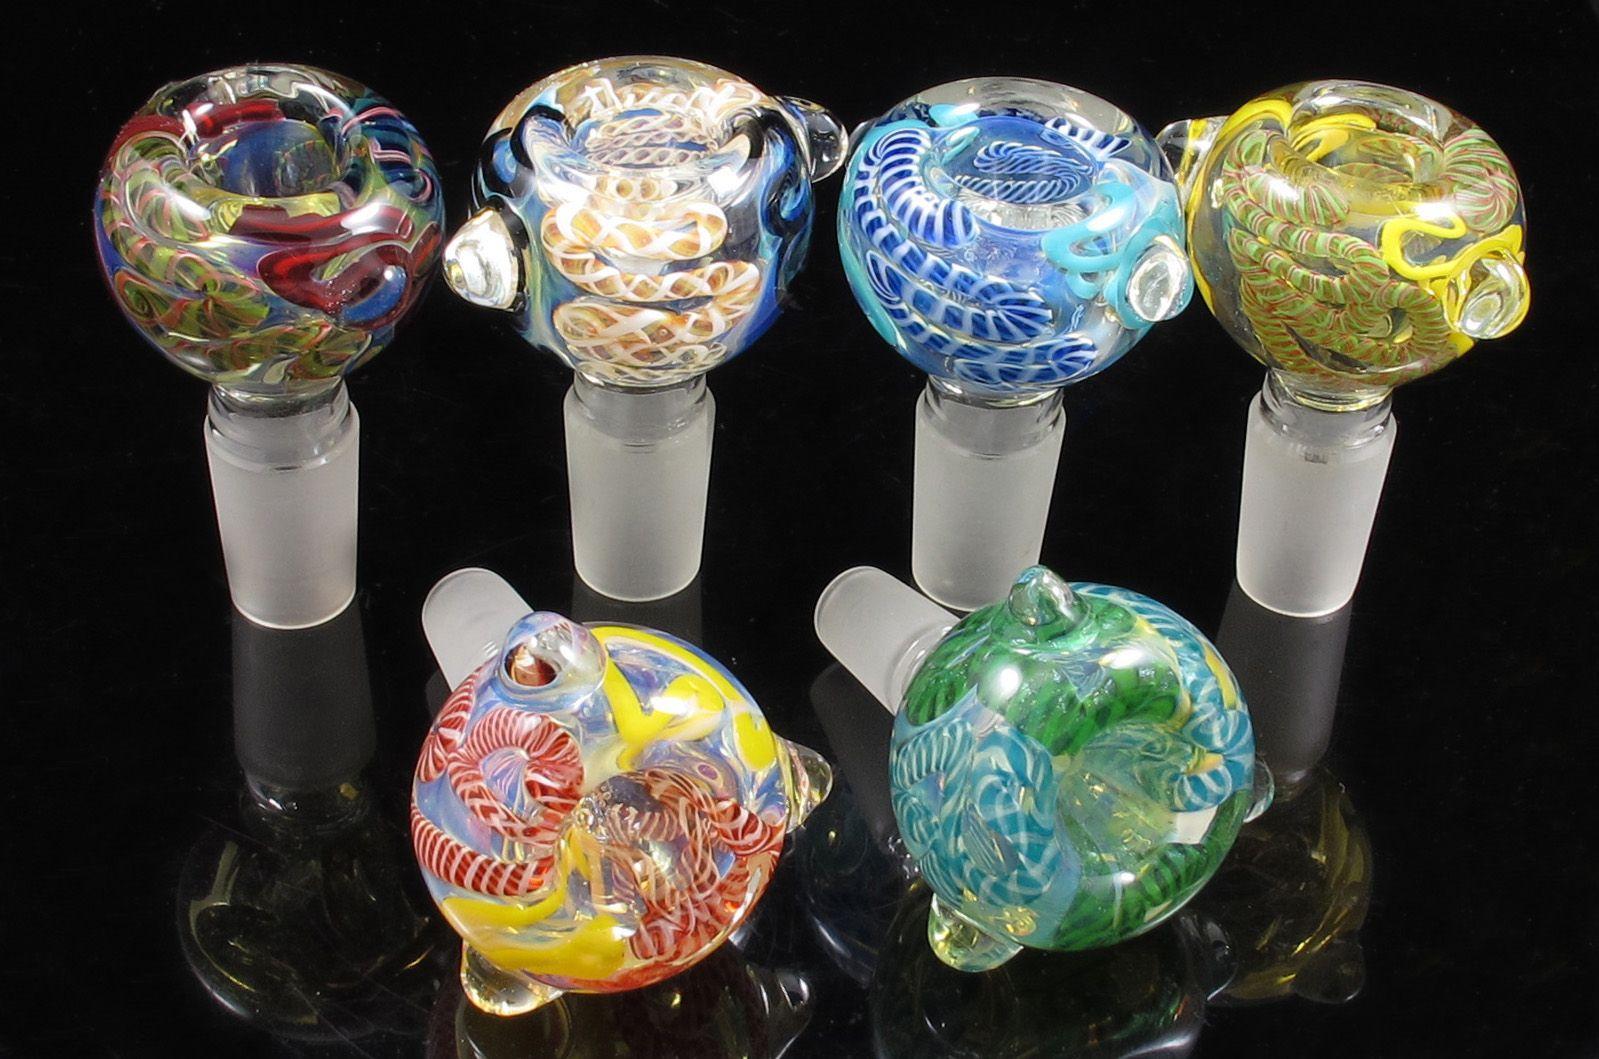 14mm, 19 mm de adentro hacia afuera del tazón de vidrio Colores mezclados para fumar tobogán para tubo de agua de bong